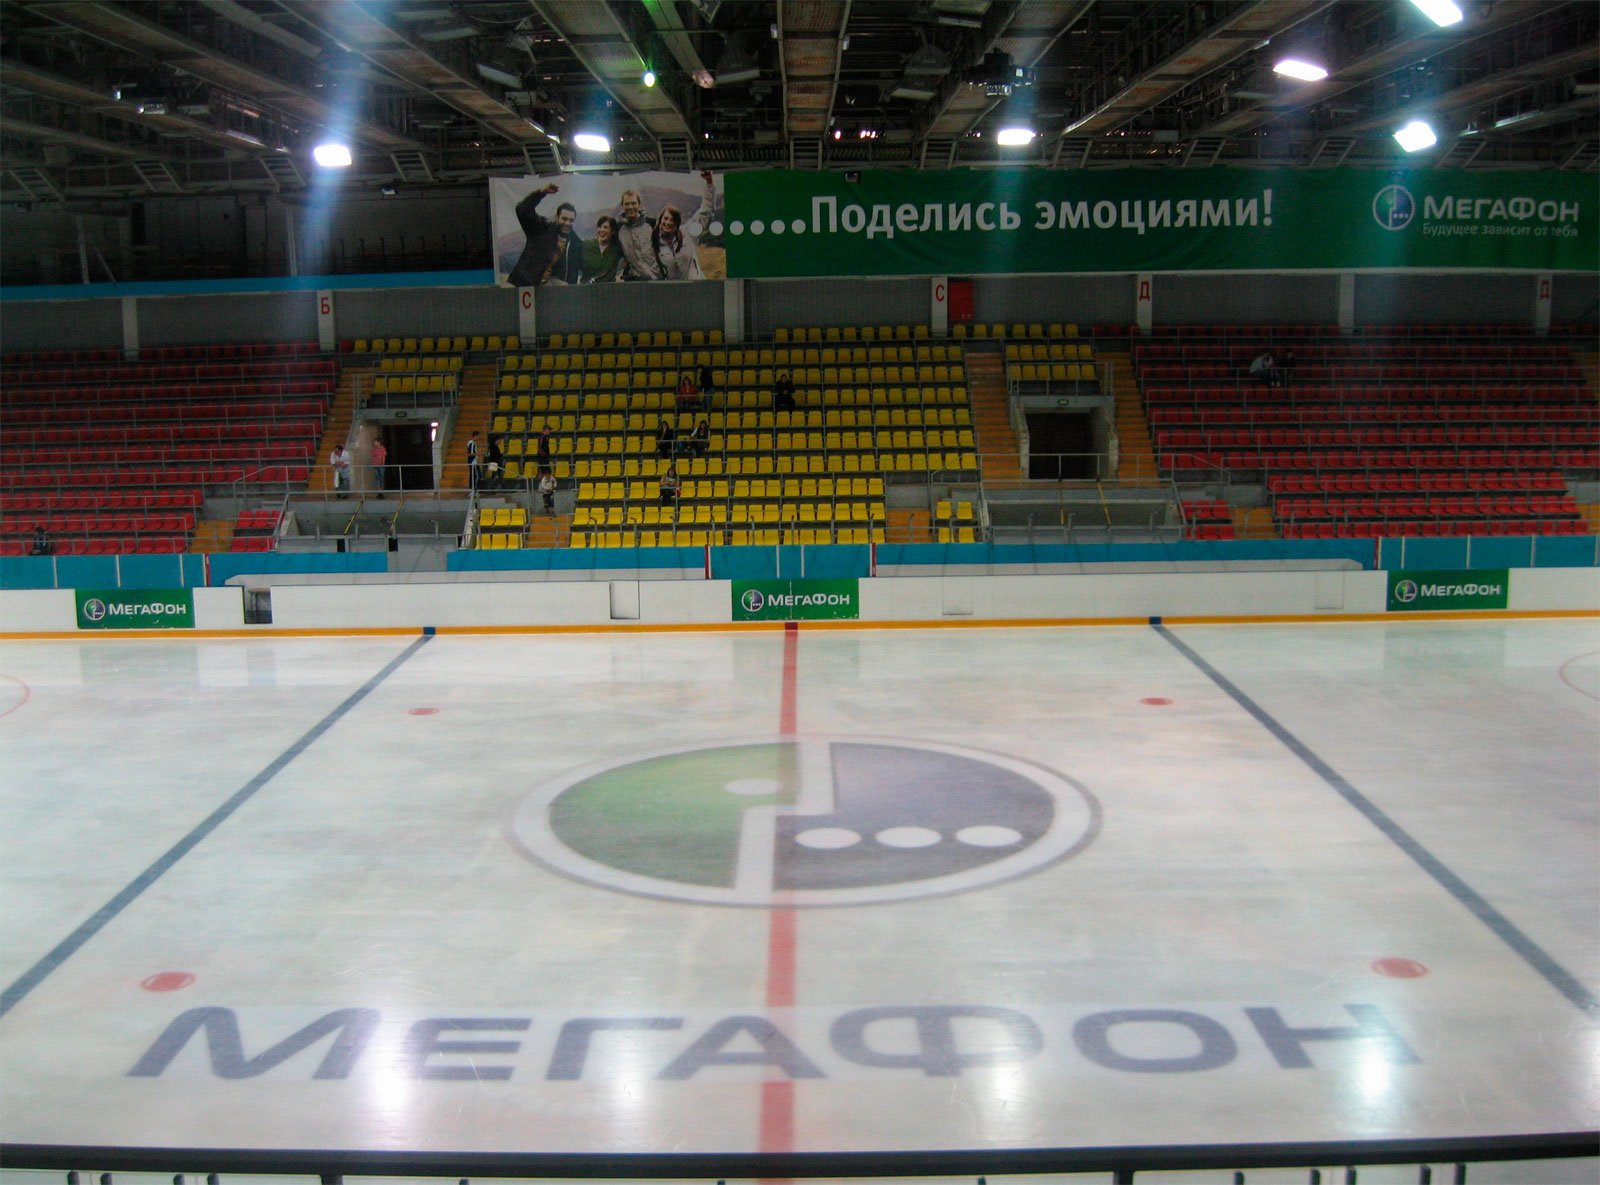 Фитнес клубы и фитнес центры СанктПетербурга